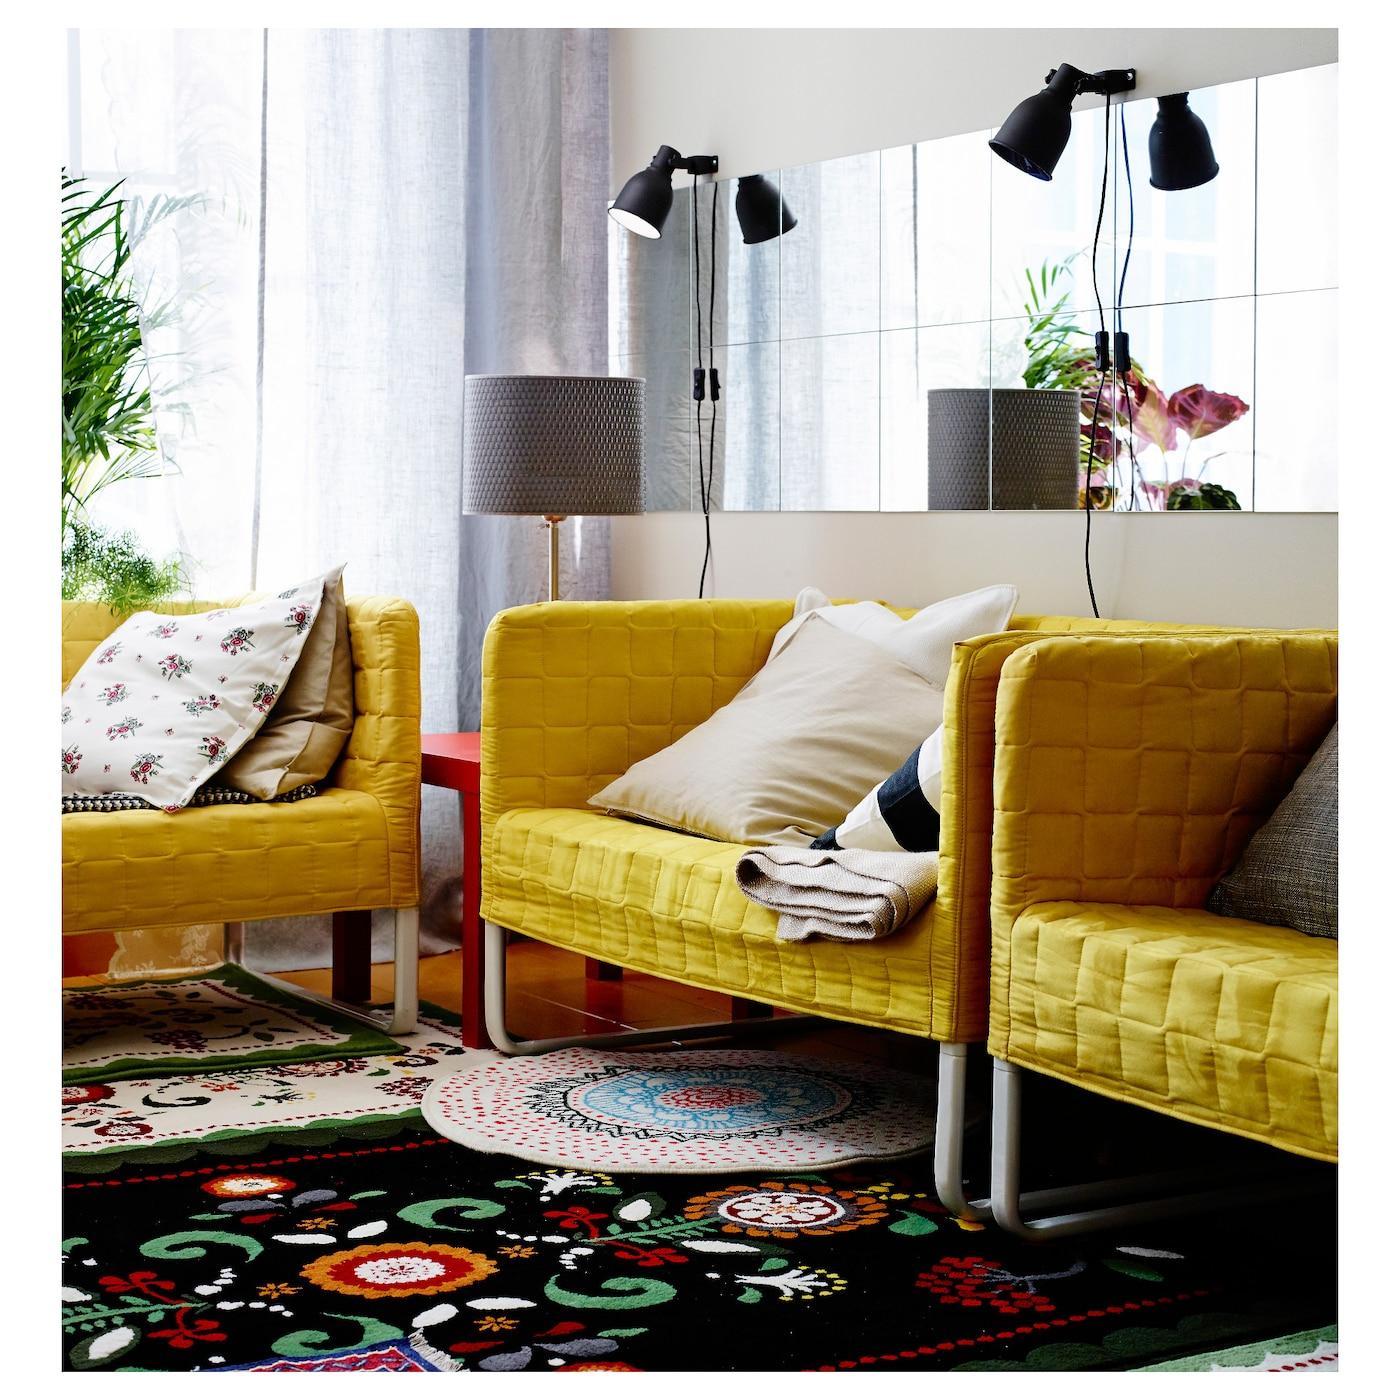 IKEA Set de 4-Lots miroir 30 x 30 cm salle de bains cuisine facile miroir face miroir